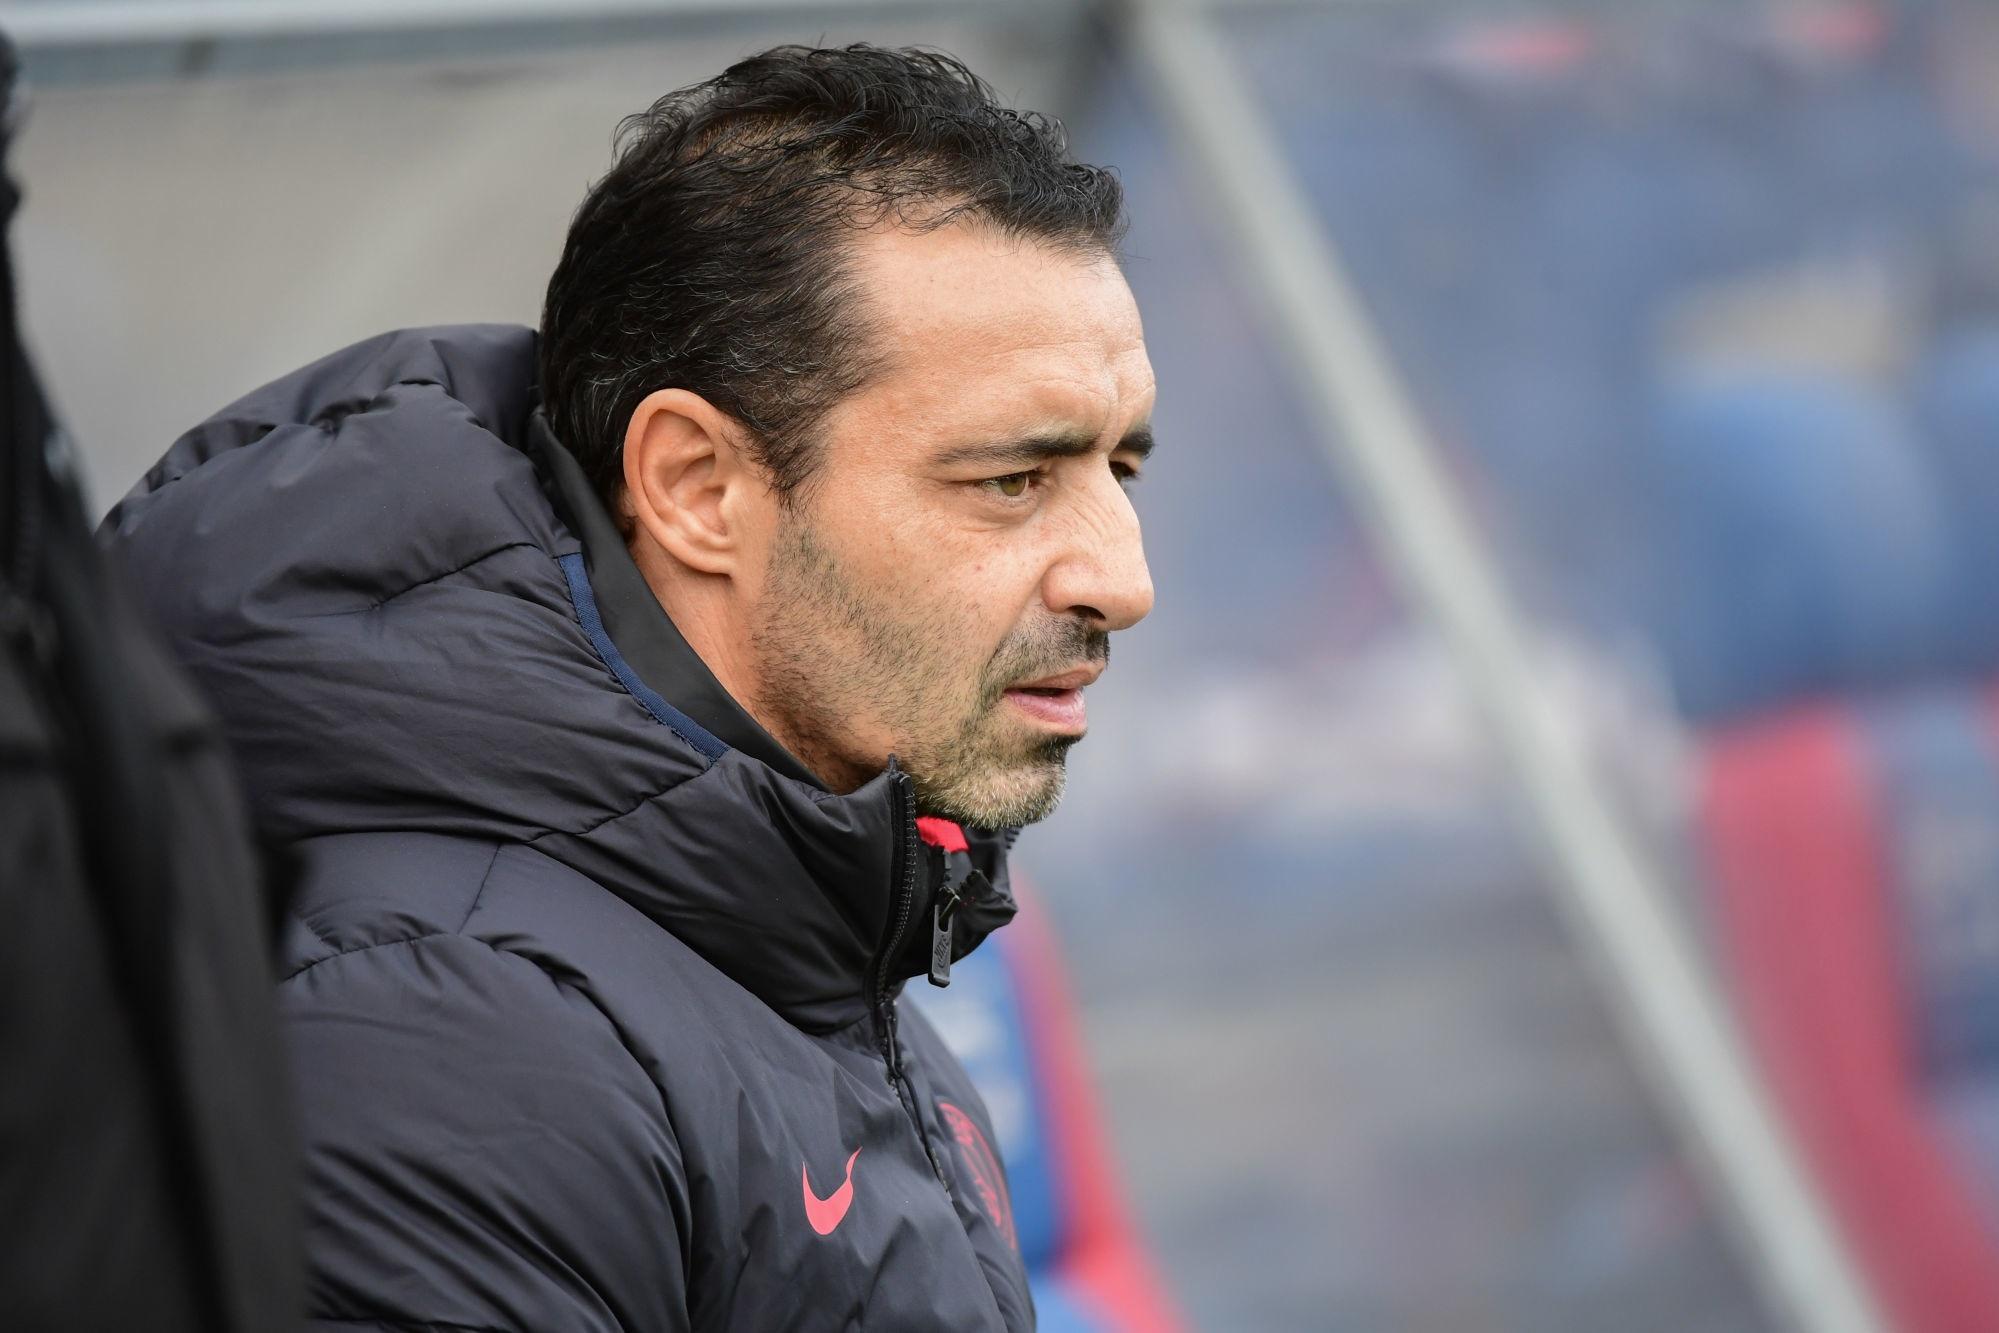 """PSG/Montpellier - Echouafni souligne que son équipe """"doit faire le travail"""""""